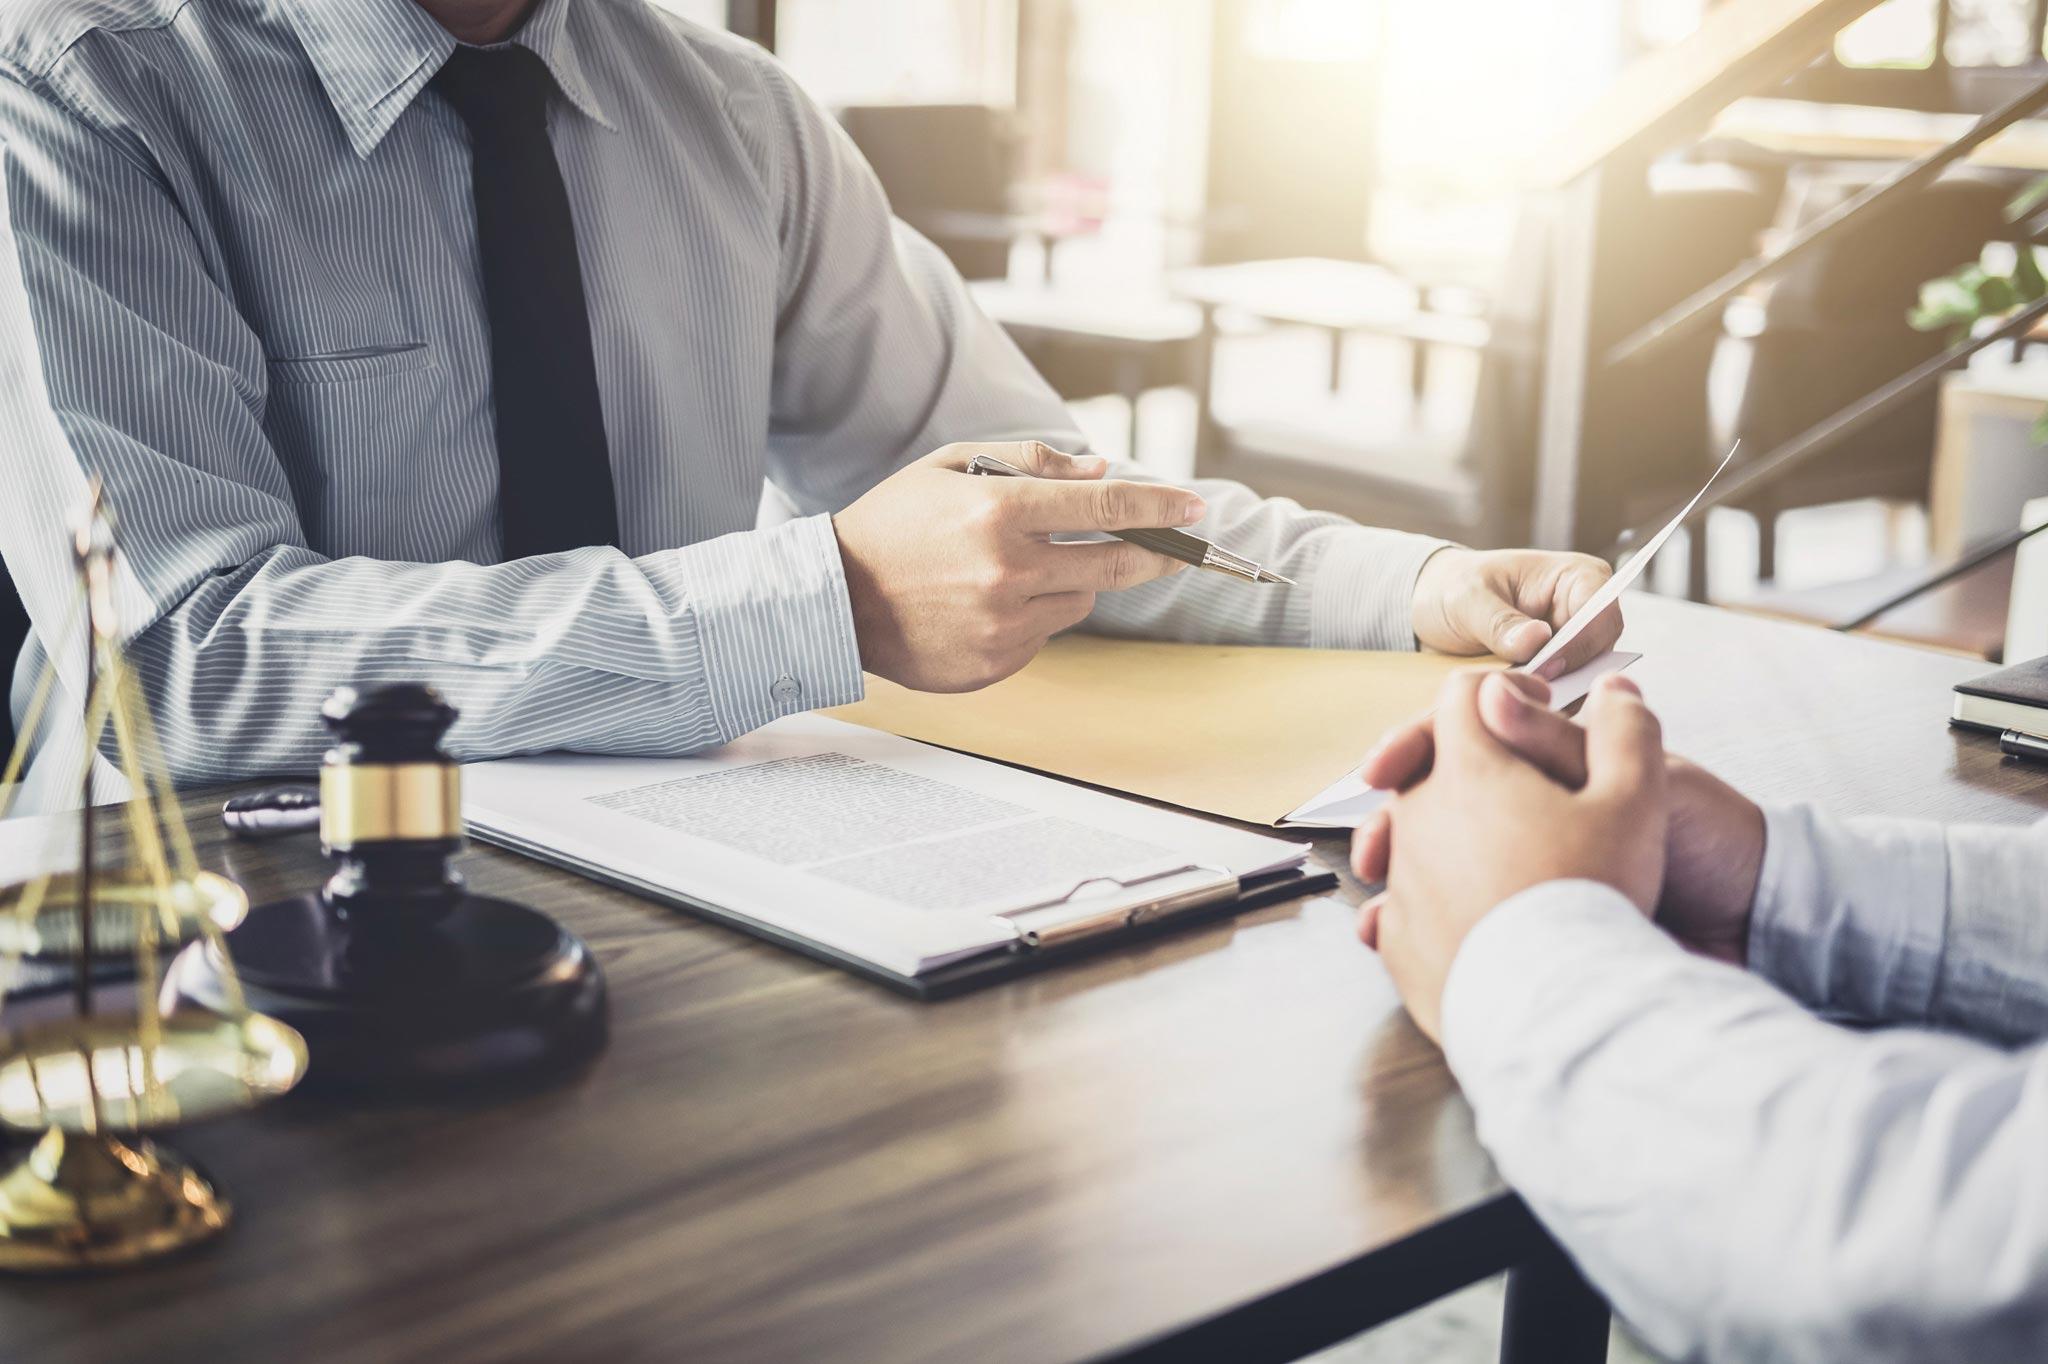 Rechtsanwalt Für Vertragsrecht Kostenfreie Ersteinschätzung Vom Anwalt